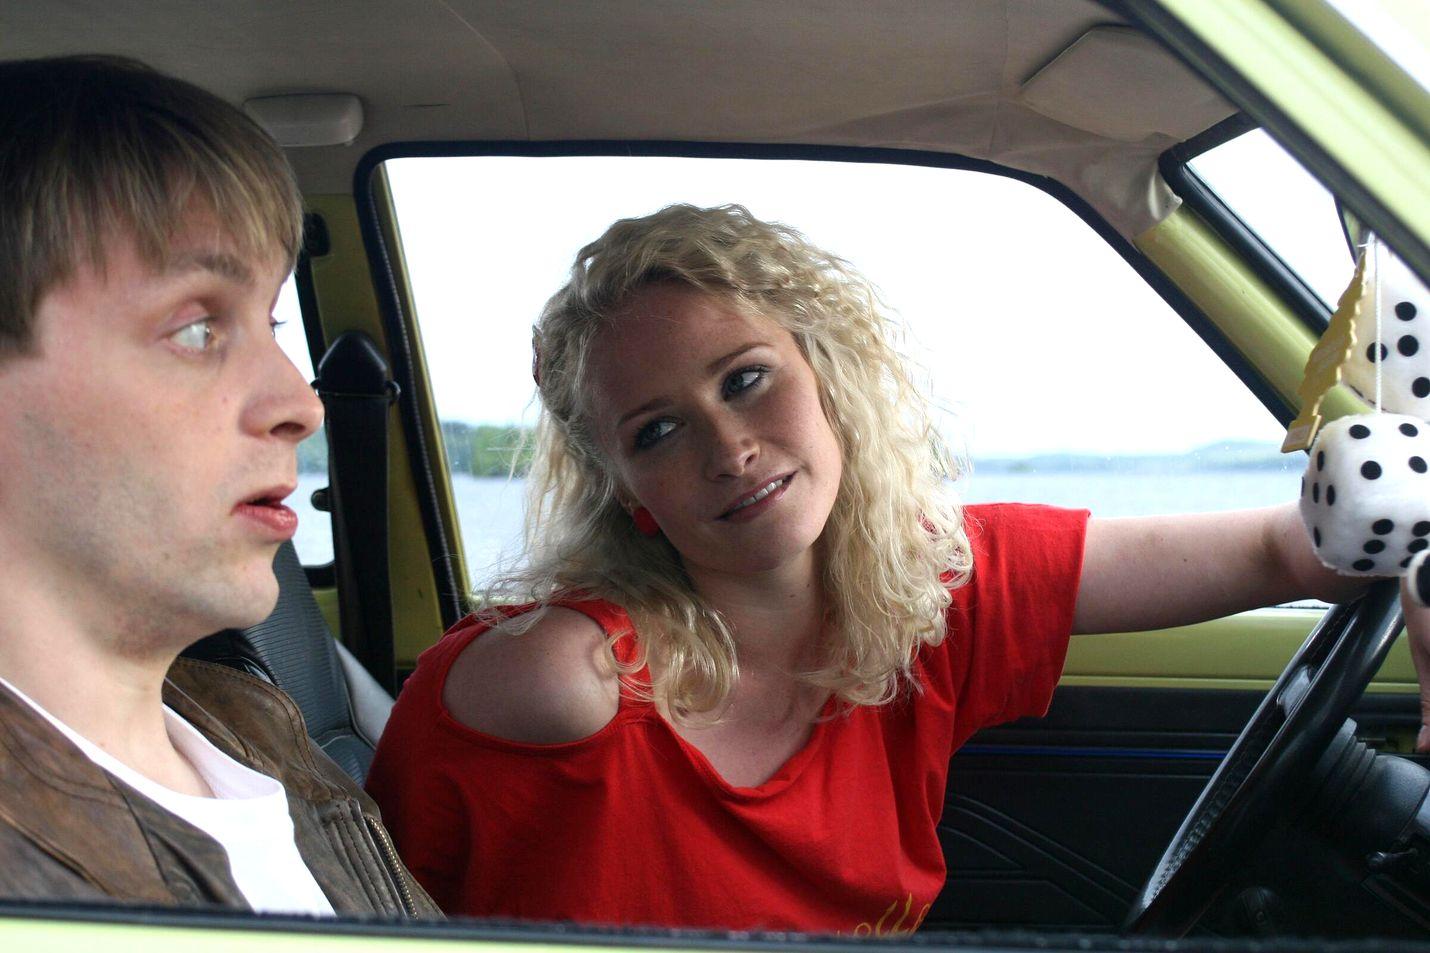 Reino Nordin ja Malla Malmivaara ovat nuoret rakastavaiset 1980-luvulle sijoittuvassa elokuvassa, jossa raikaa Manserock.